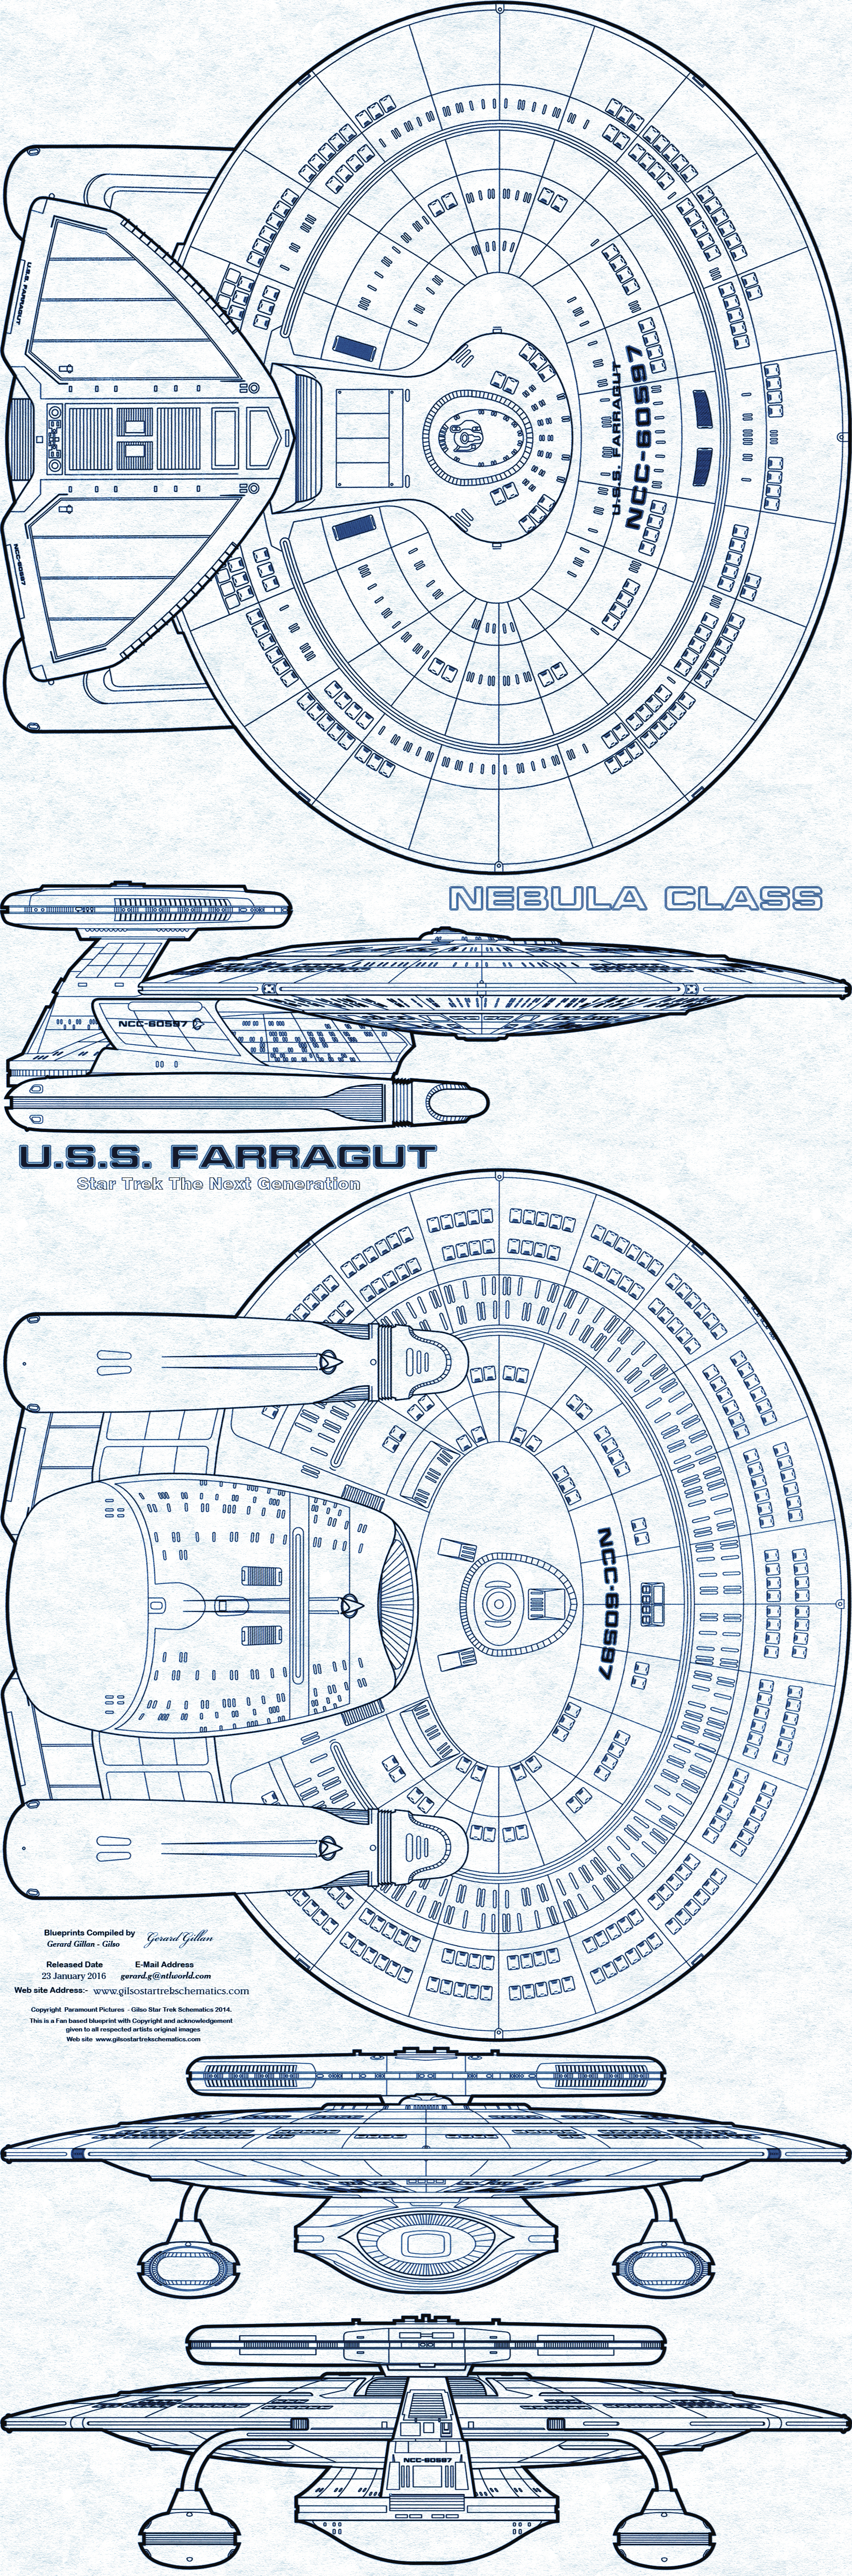 delta flyer blueprints - Mersn.proforum.co